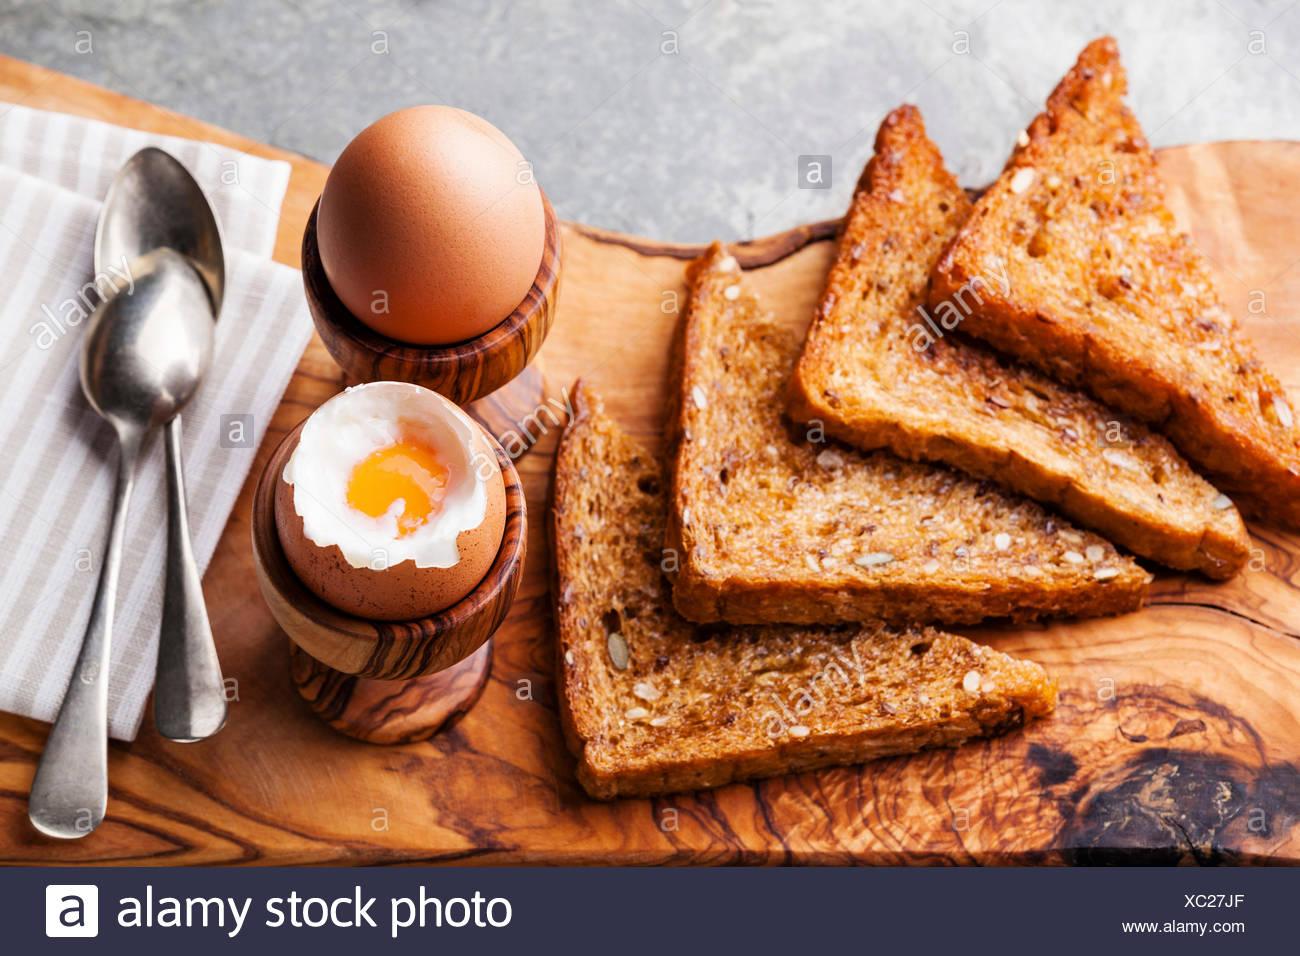 Huevos para desayunar en madera de olivo huevo tazas Imagen De Stock